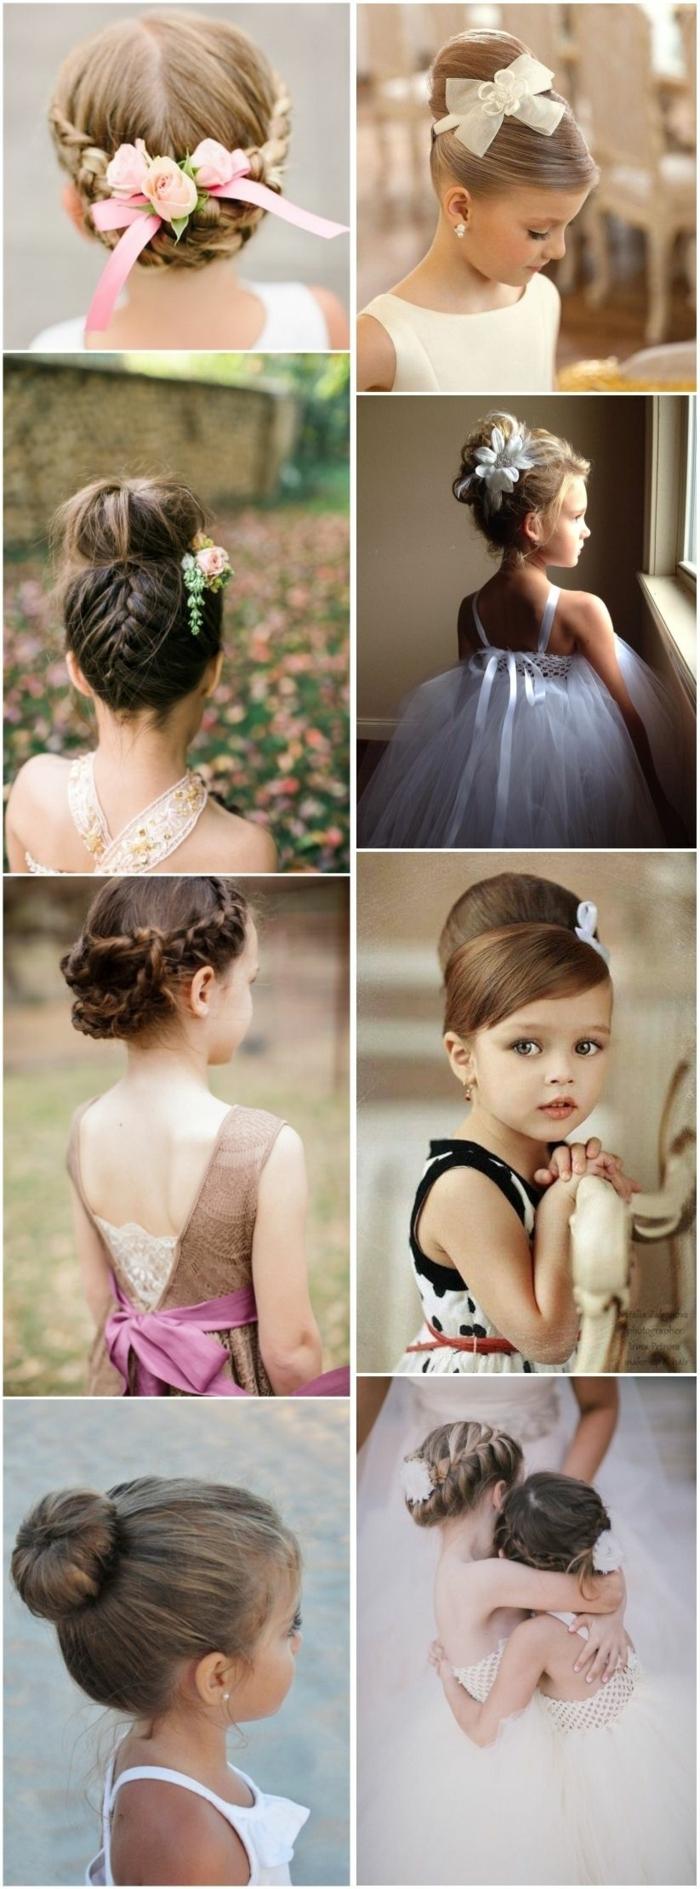 peinados de niñas faciles, ocho ideas de peinado oficiales con moños y trenzas y decoradas con cintas y flores